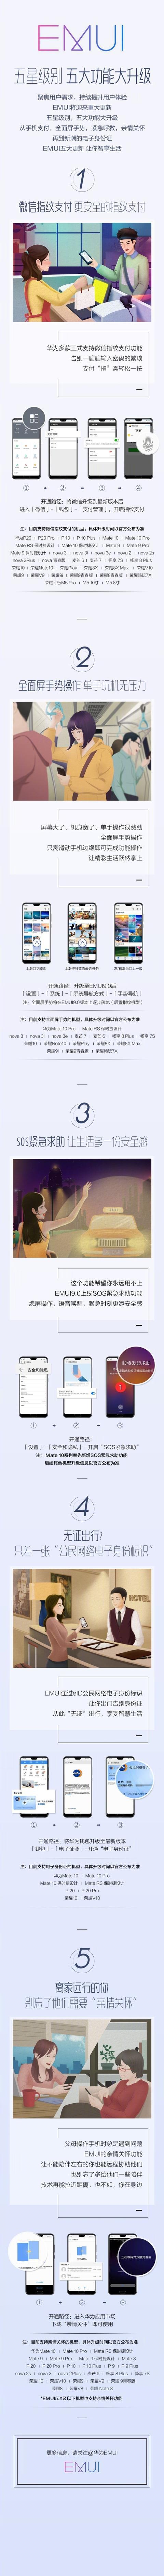 华为EMUI 9.0有五大功能加持,老机型也能用